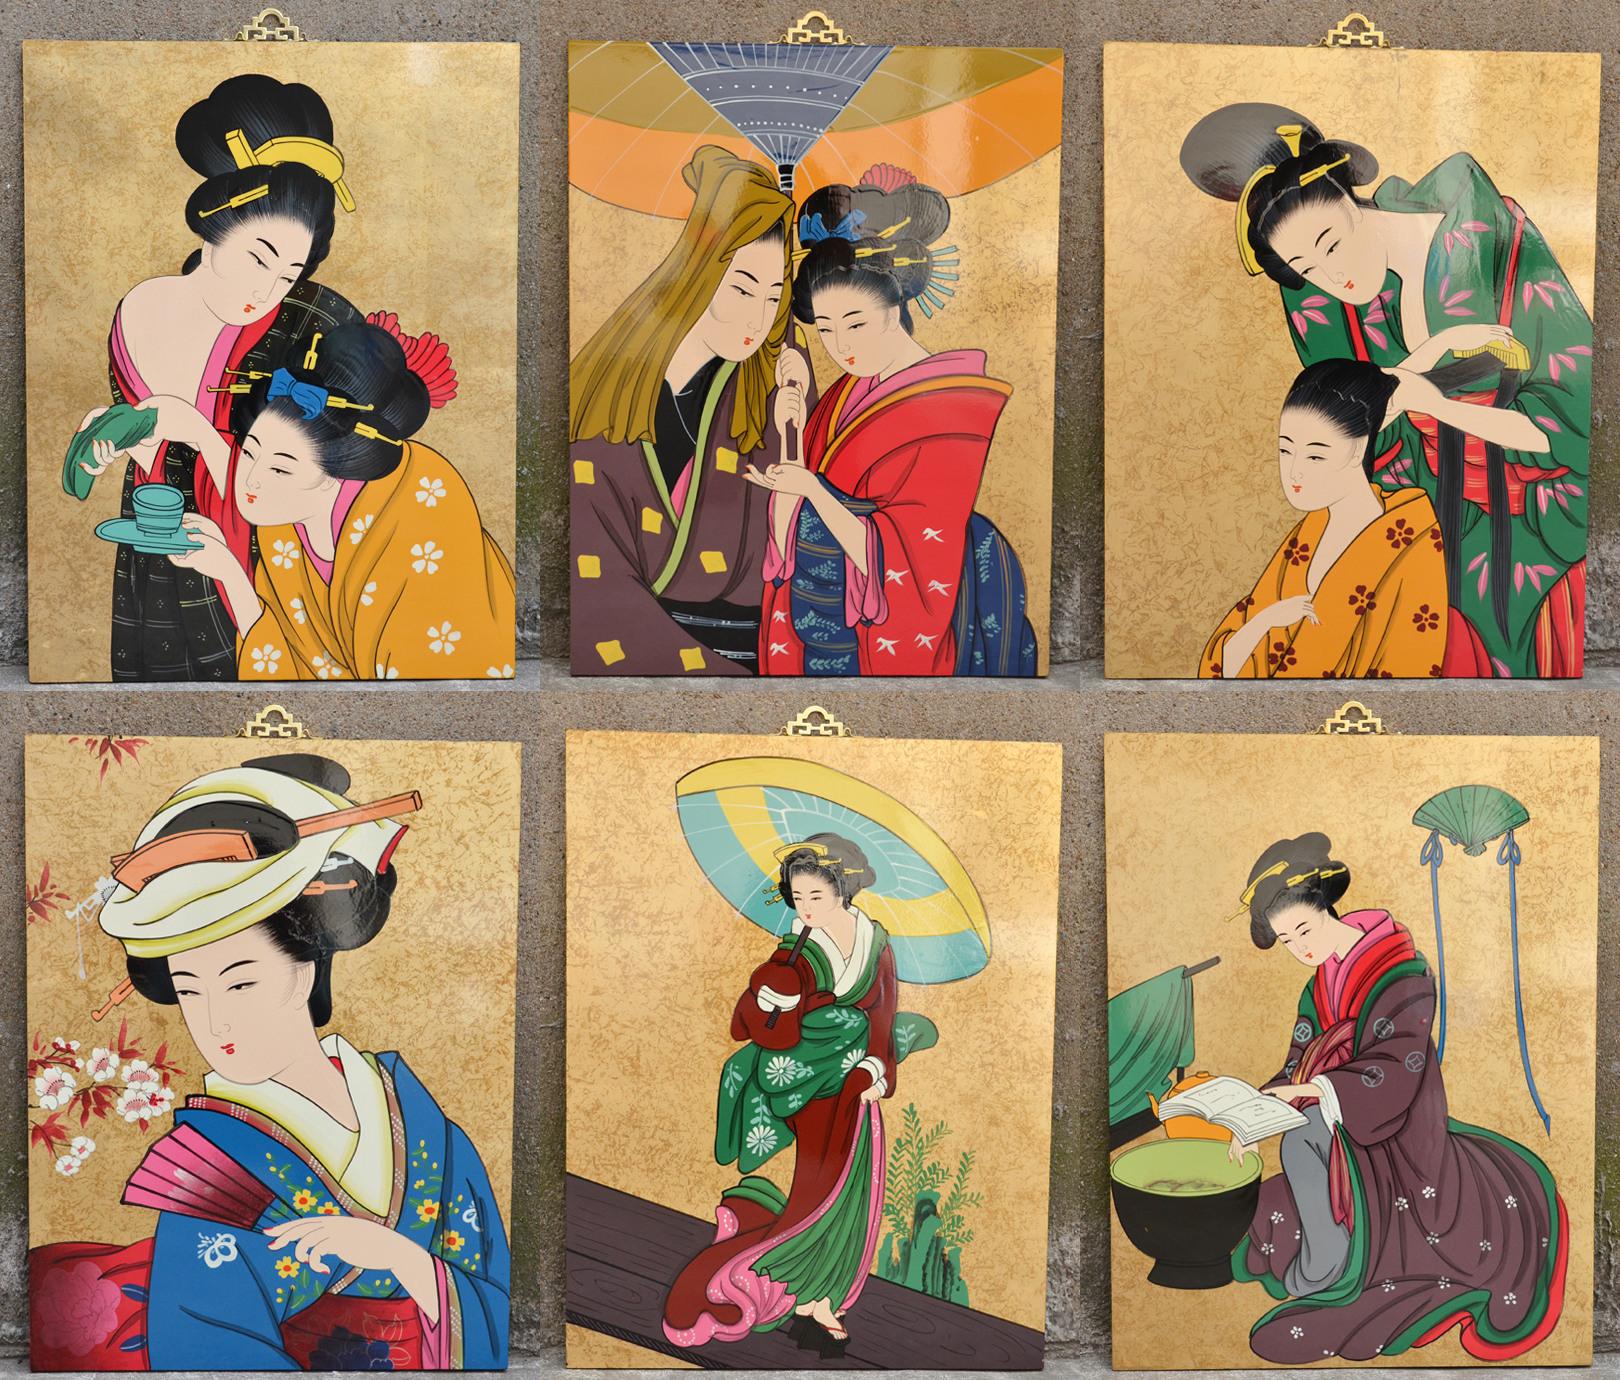 日本料理店酒店餐厅装饰漆画日式装饰用品仕女挂屏漆器开业礼品